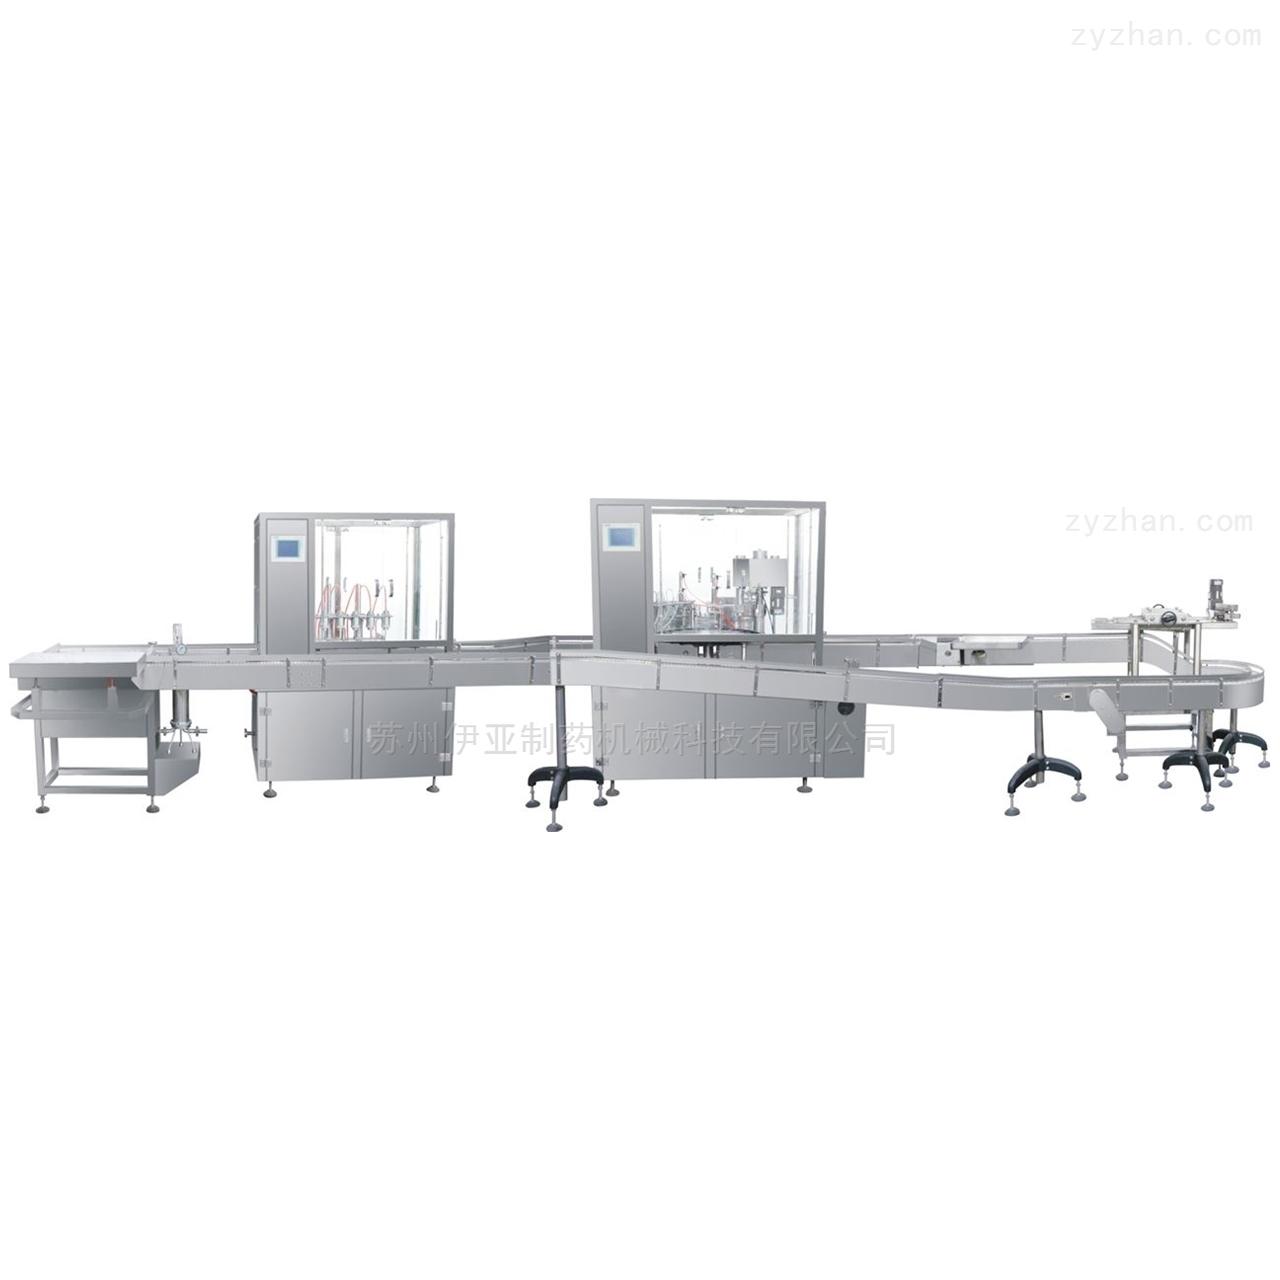 精油灌装生产线技术参数